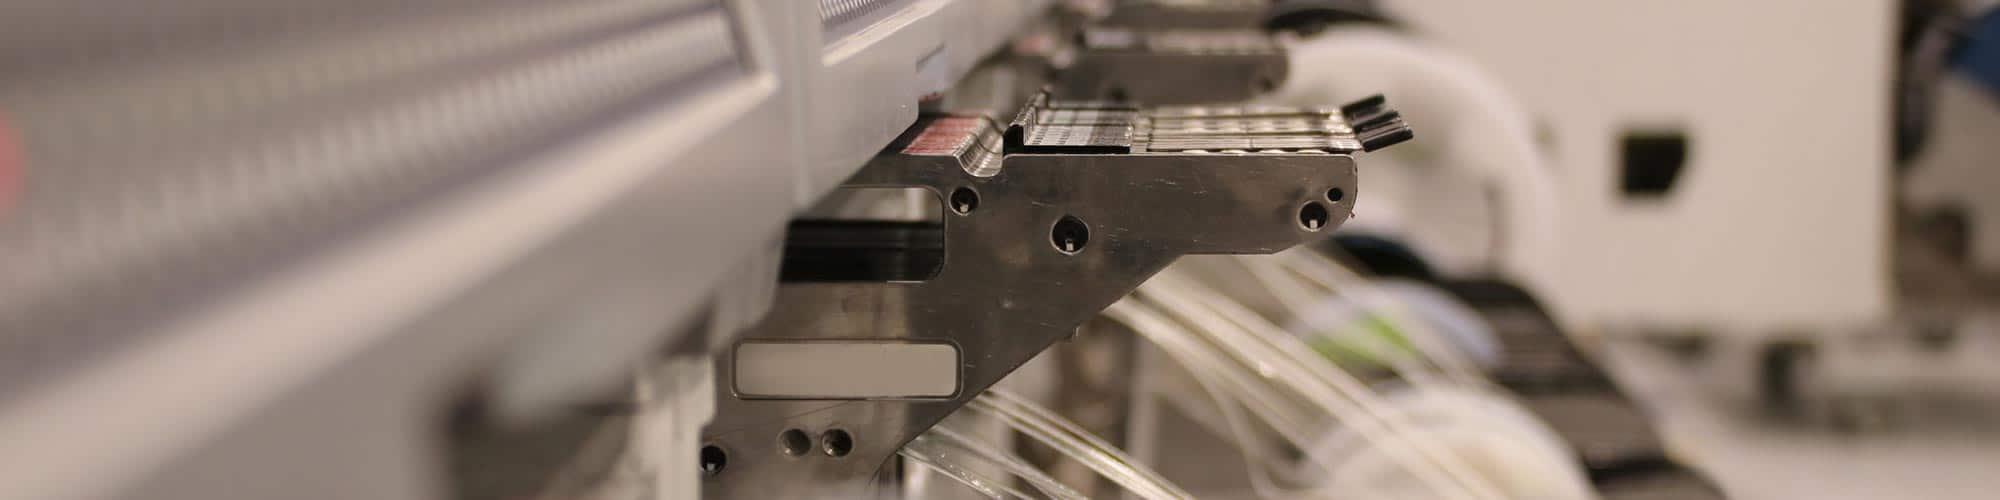 Nahaufnahme eines Maschinenteil in Seitenansicht